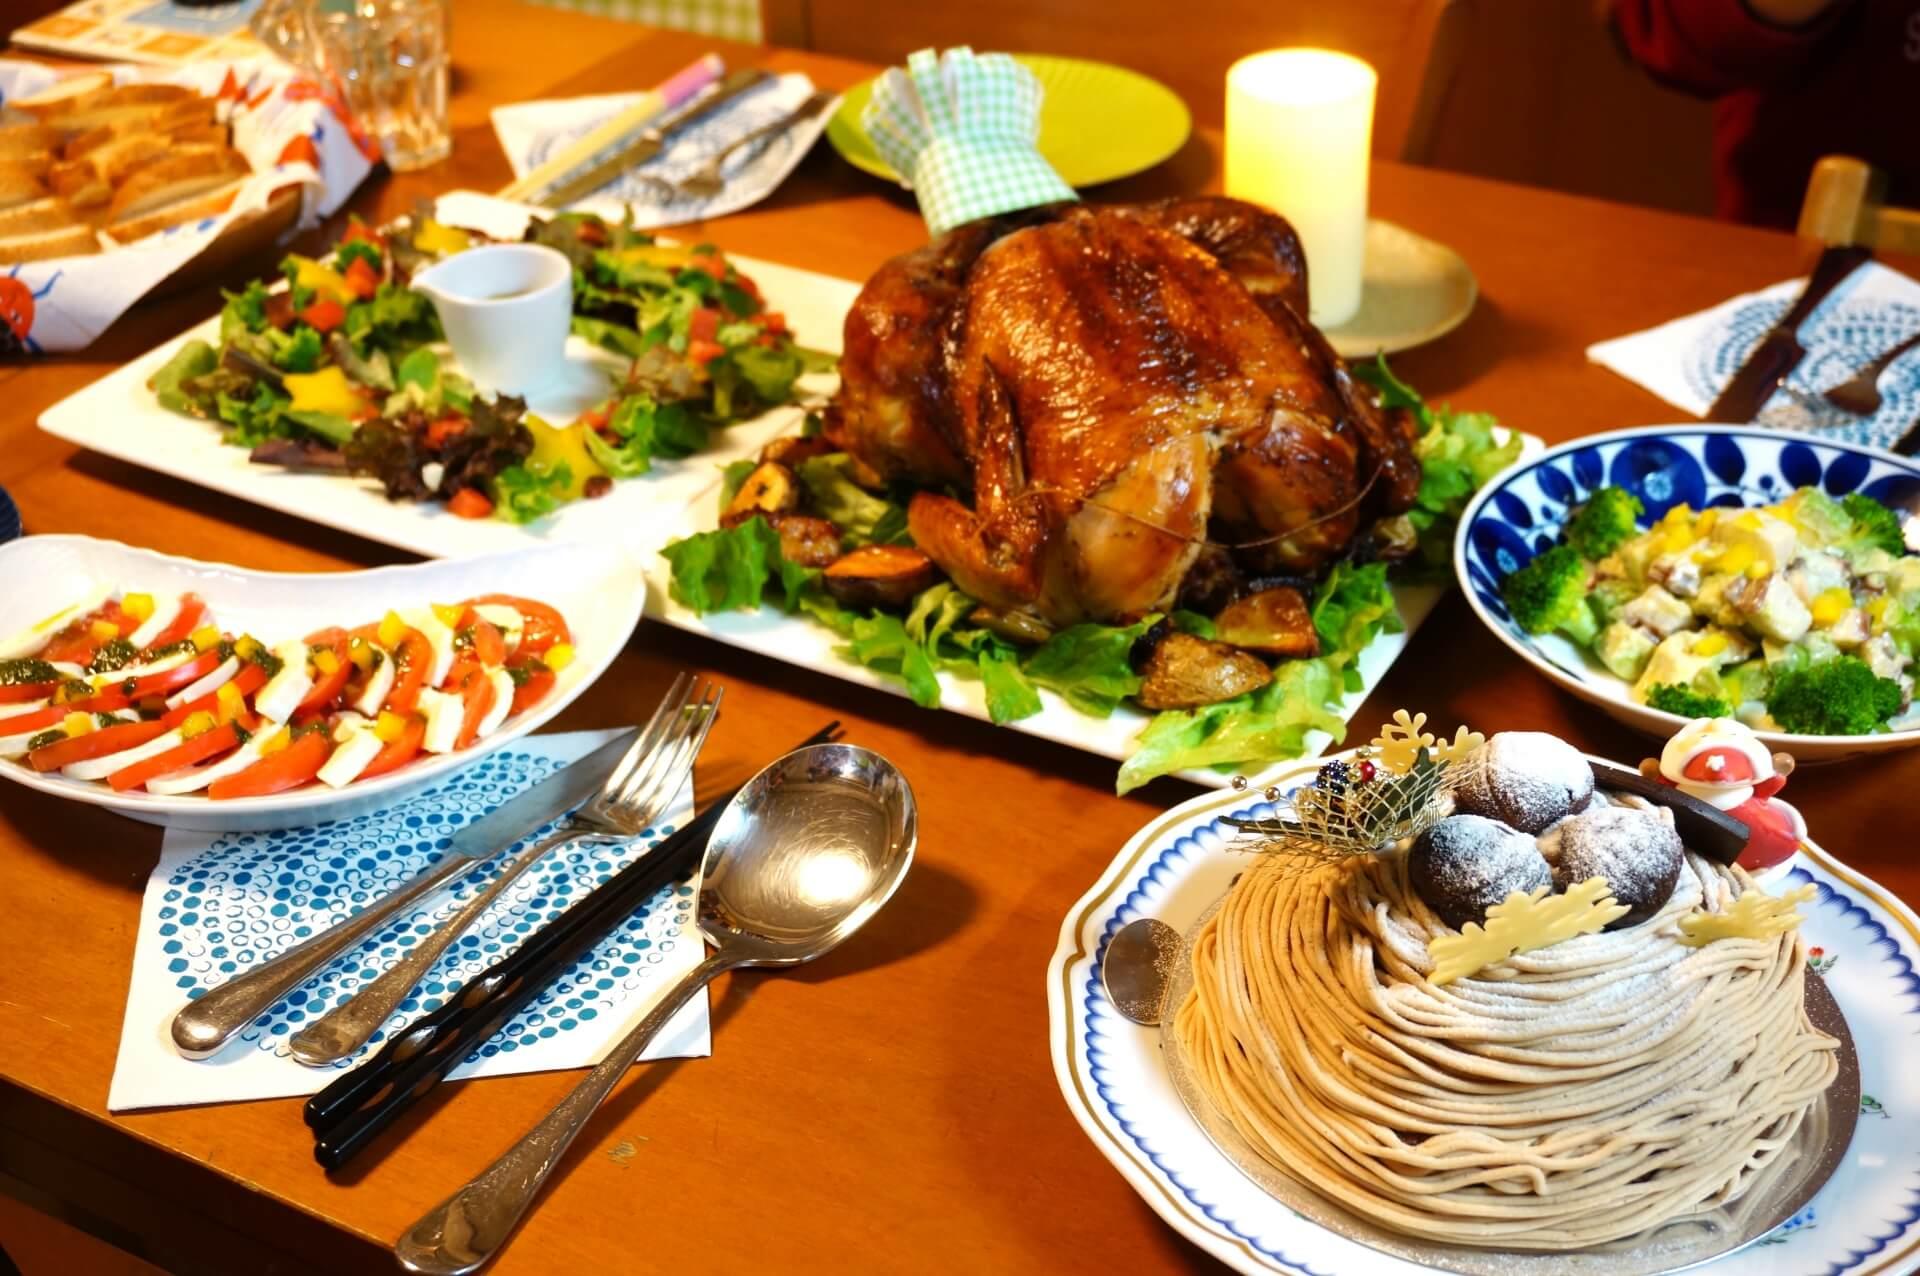 クリスマスに手軽に作れるクリスマスレシピ